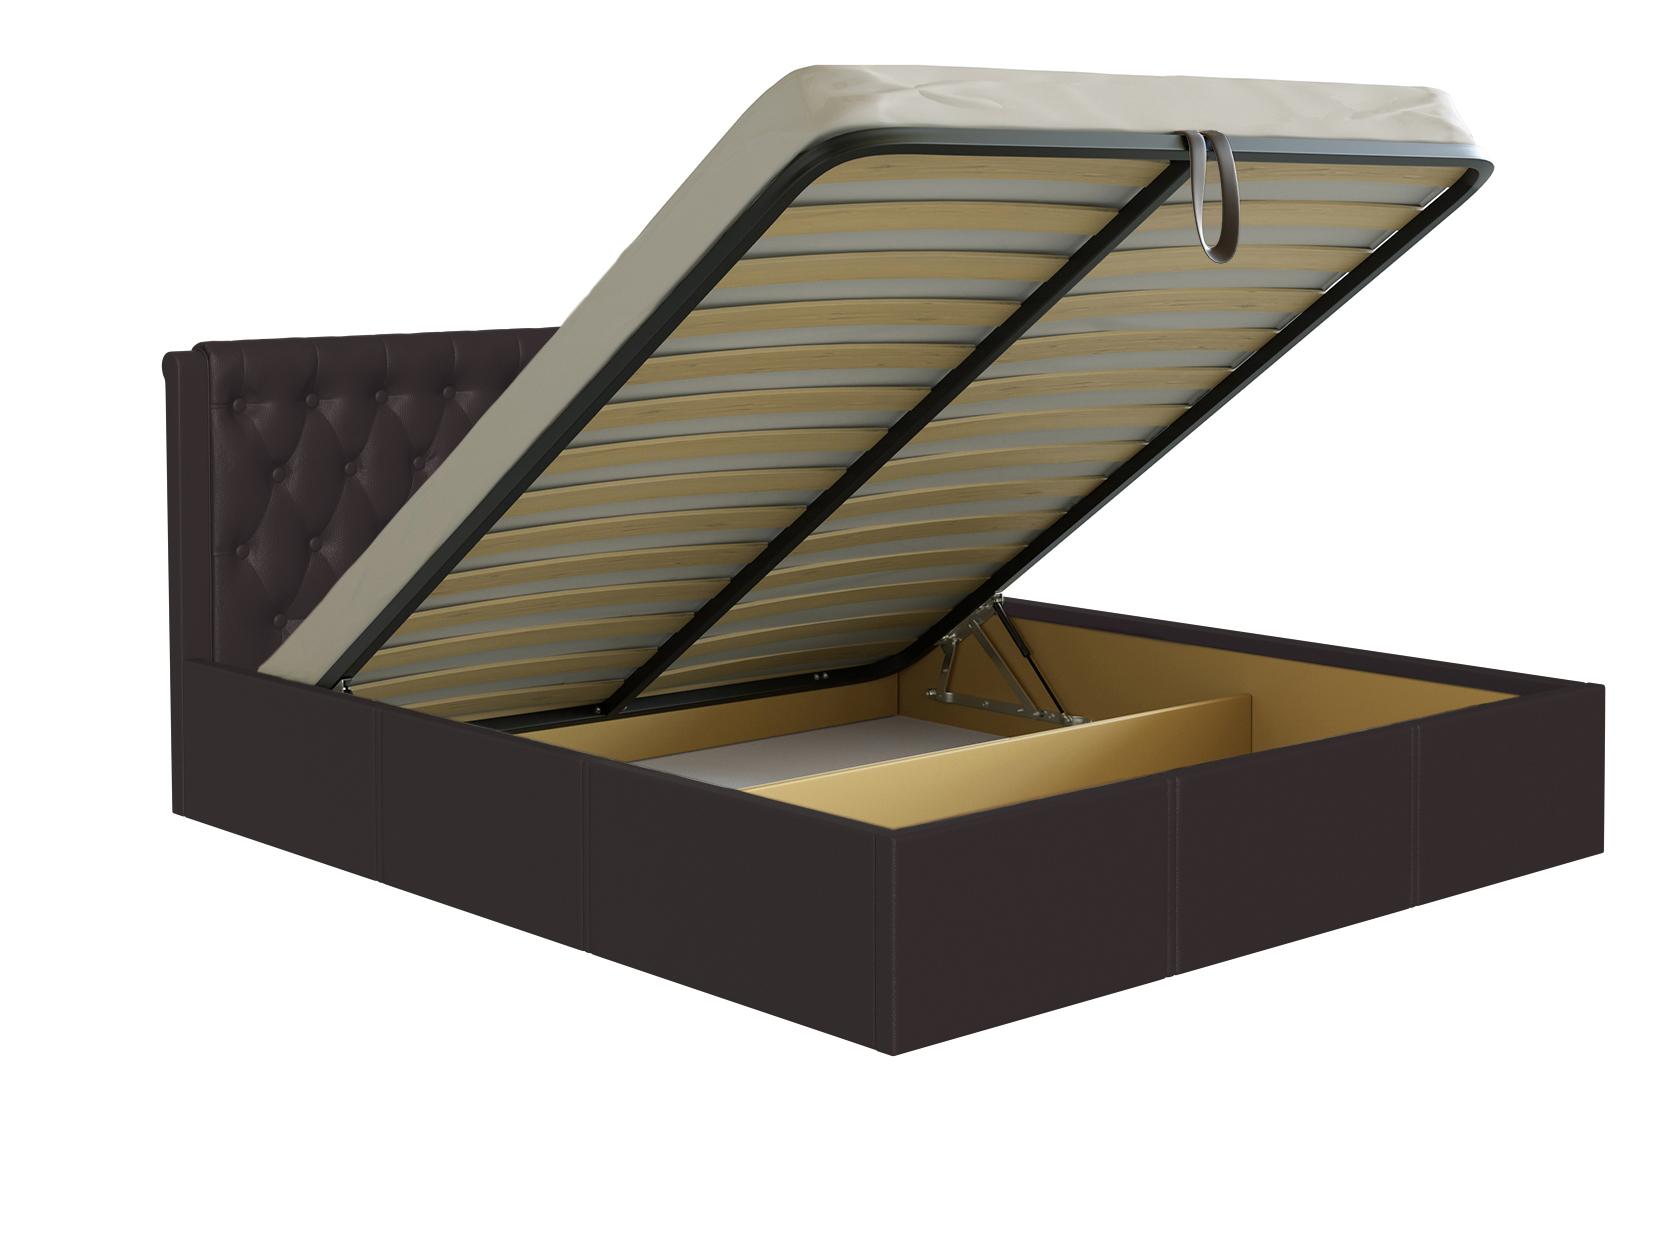 кровать глория с подъемным механизмом фото пока